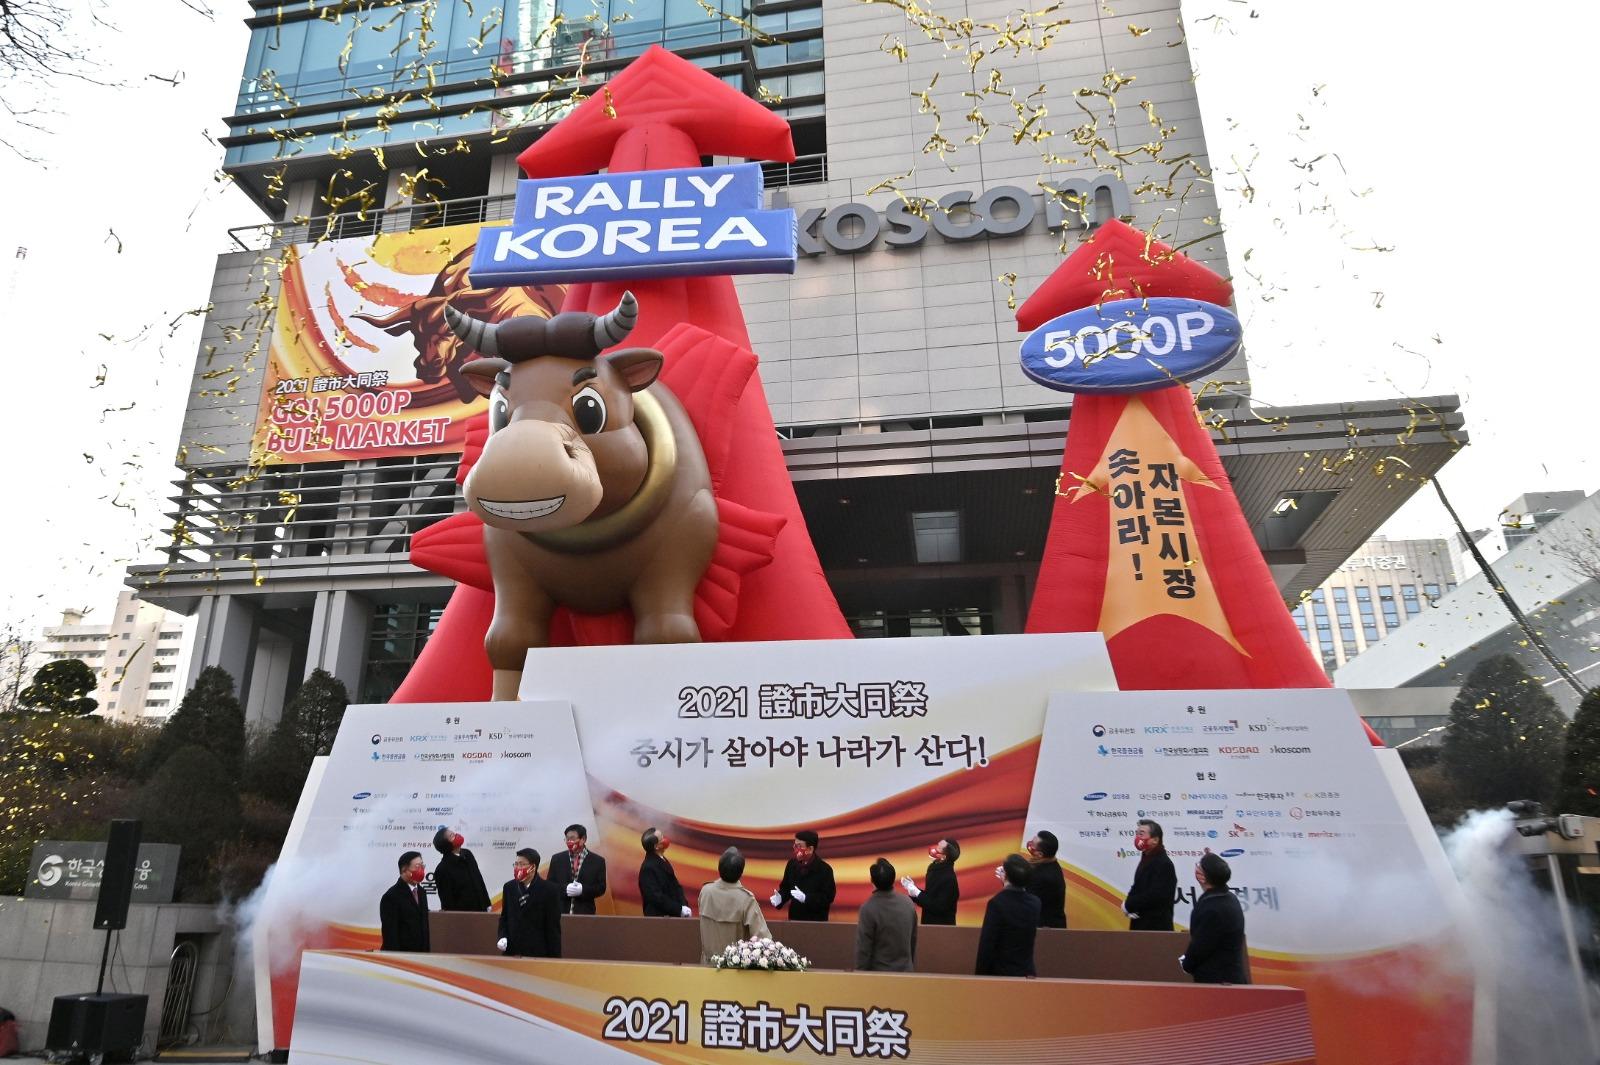 韓股牛氣沖天,圖為1月4日當地慶祝今年股市首個交易日,7日Kospi指數收市破三千點大關。(JUNG YEON-JE/AFP via Getty Images)